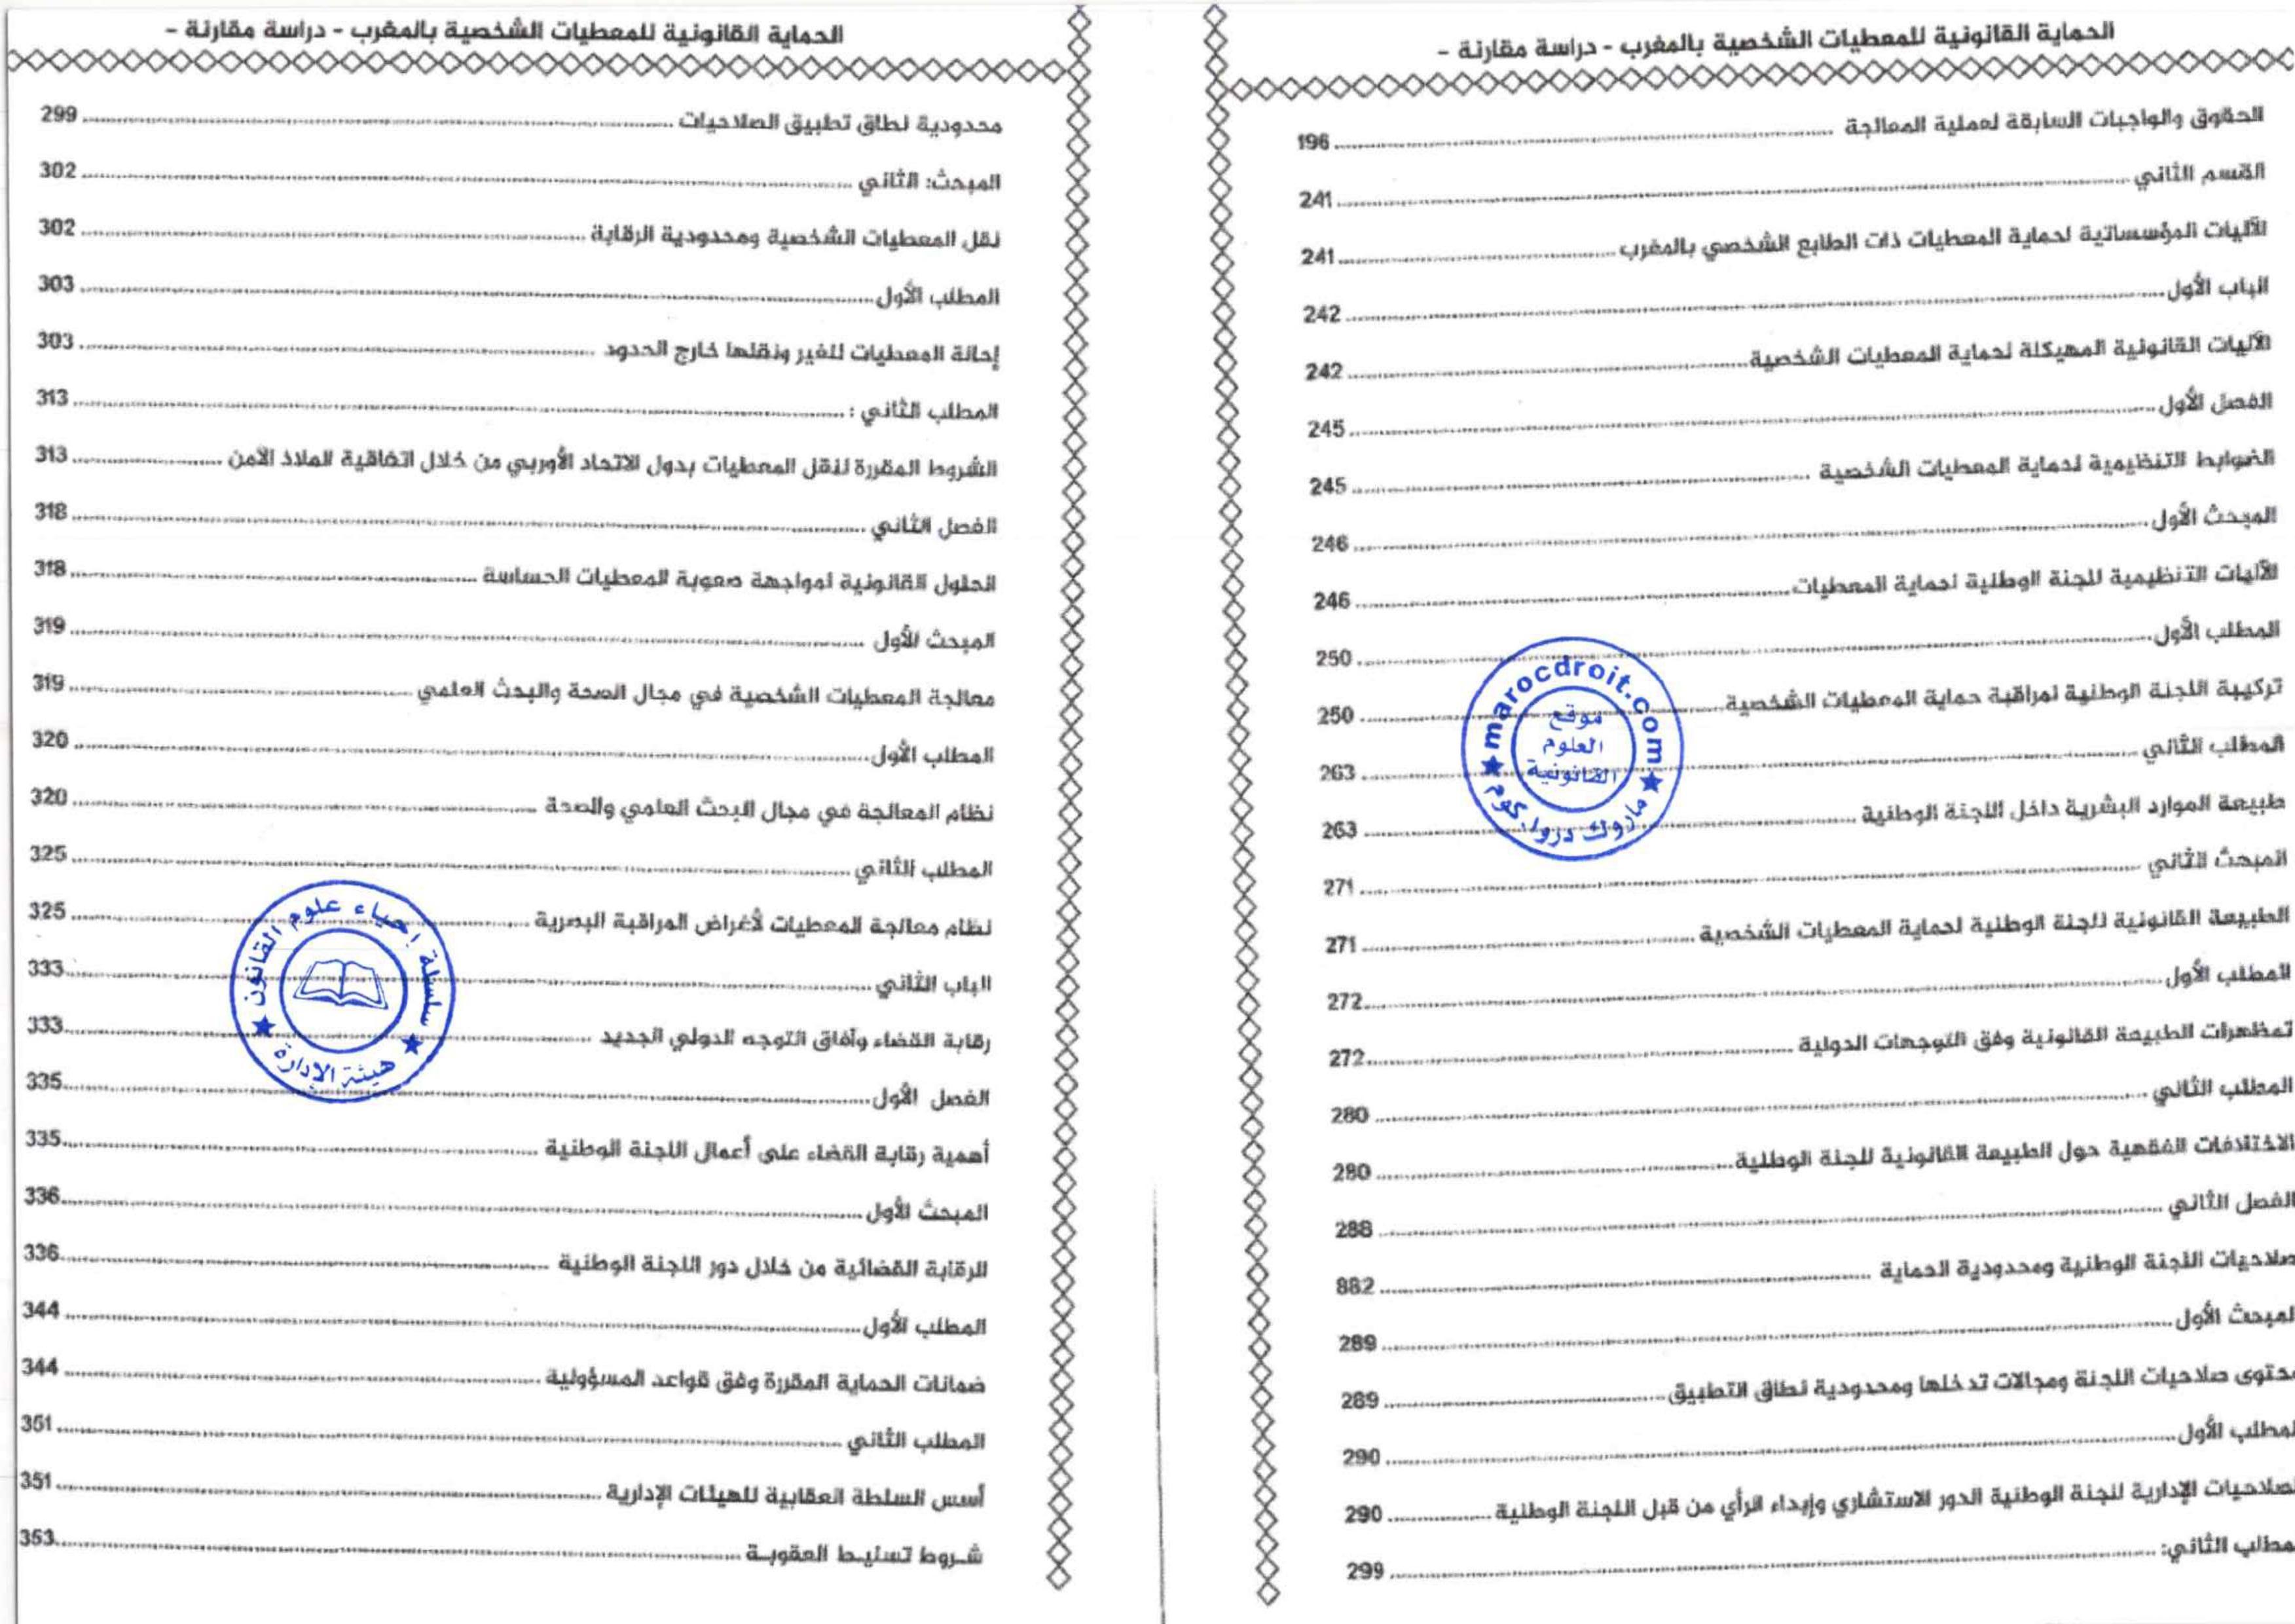 إصدار مؤلف جديد تحت عنوان الحماية القانونية للمعطيات الشخصية بالمغرب - دراسة مقارنة للدكتور عبد المجيد كوزي